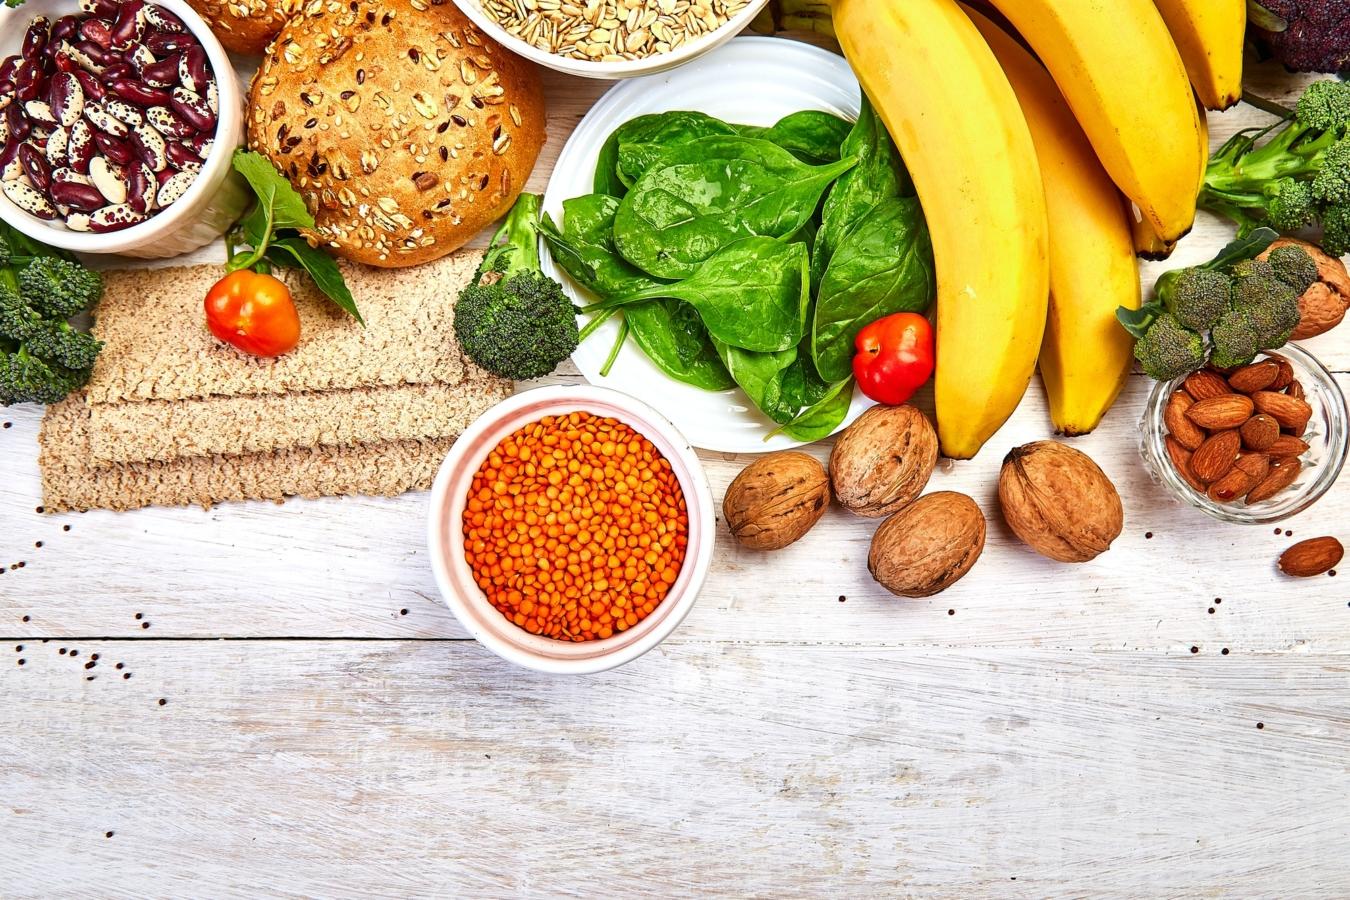 Konzept für gesunde Lebensmittel mit hohem Ballaststoffgehalt